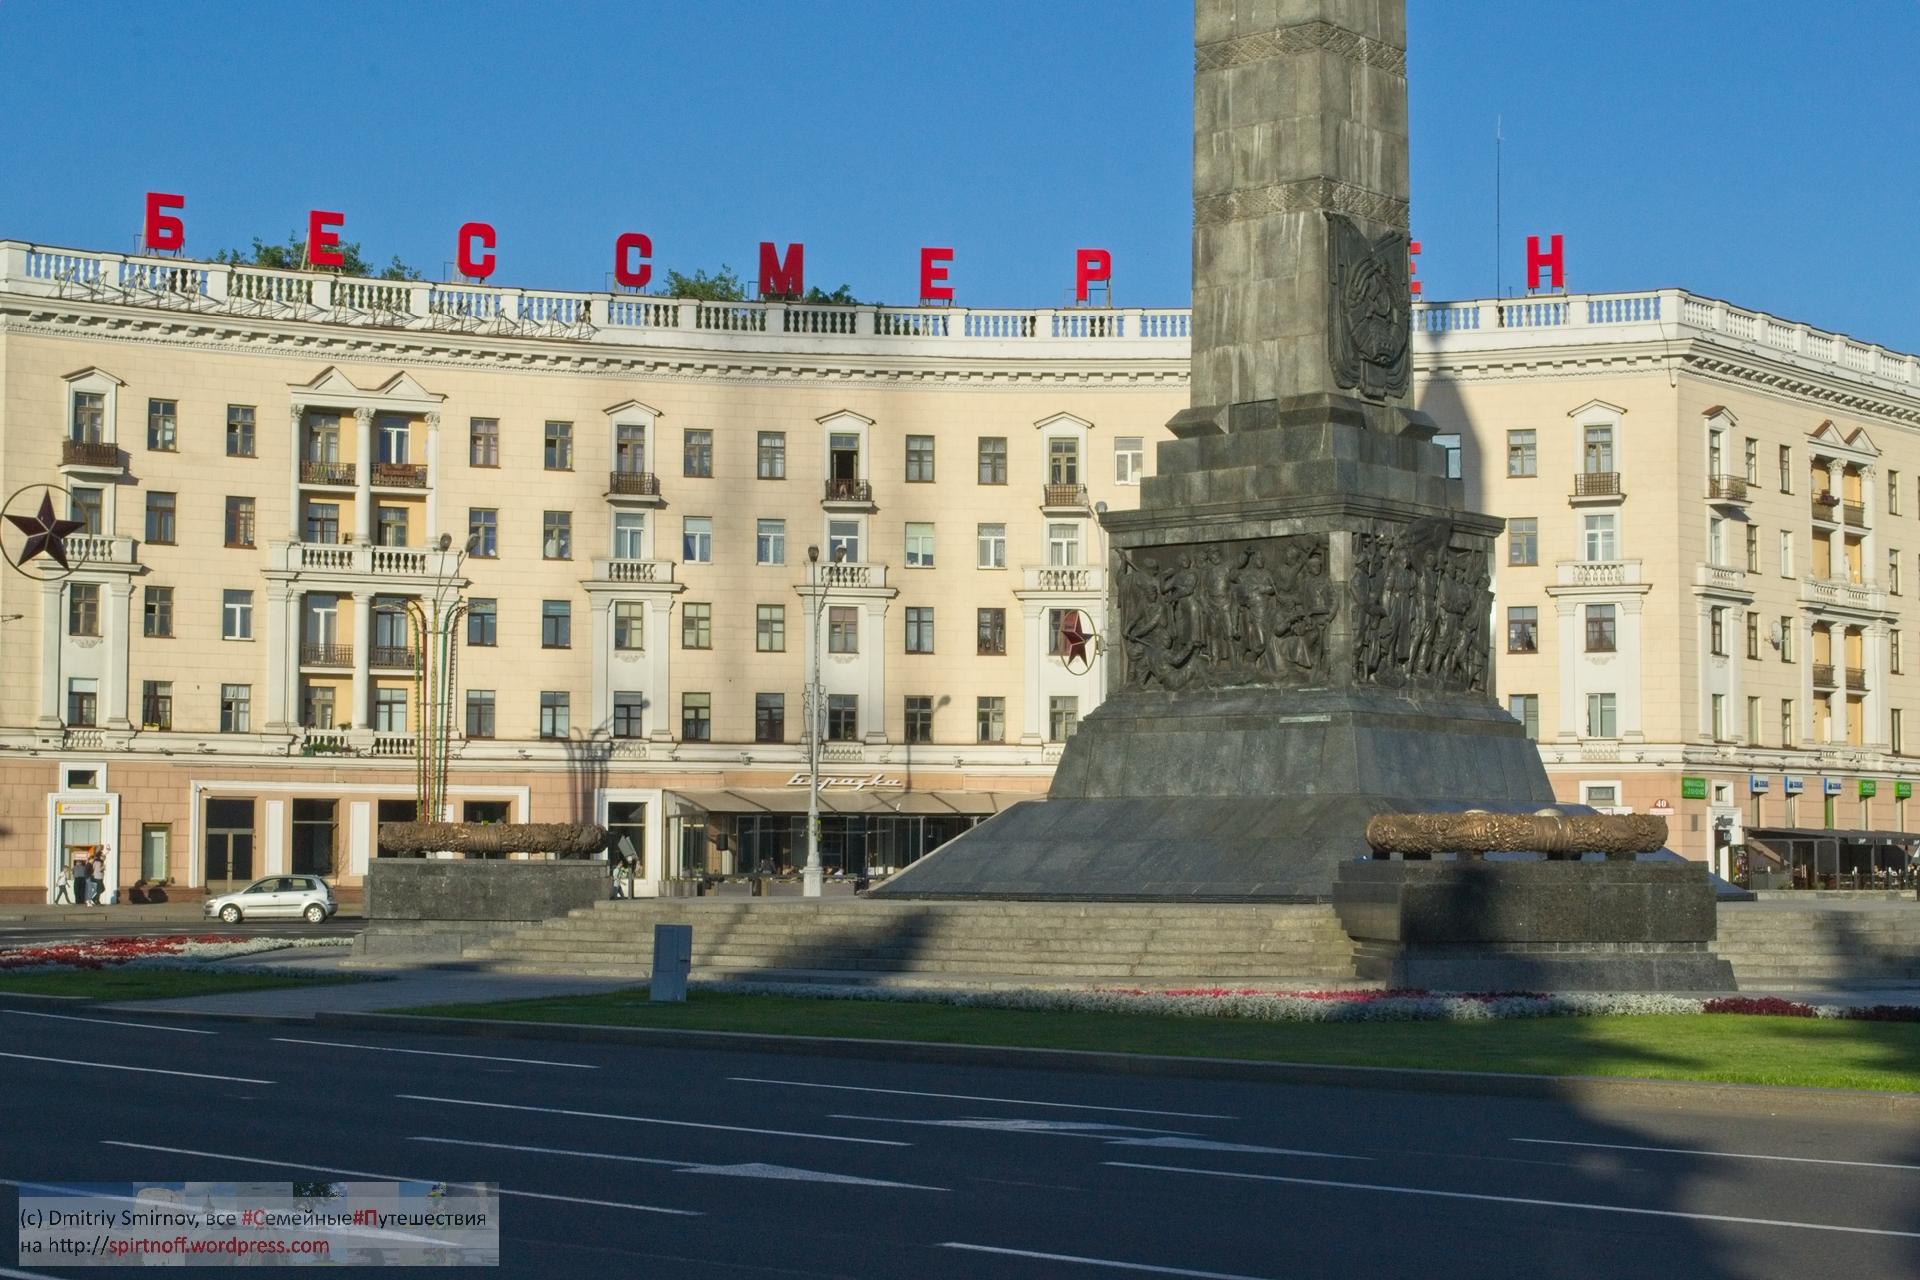 DSC_6840-Blog-76 Путешествия  Минск, Площадь победы, Проспект Независимости, Цирк, Дворец республики